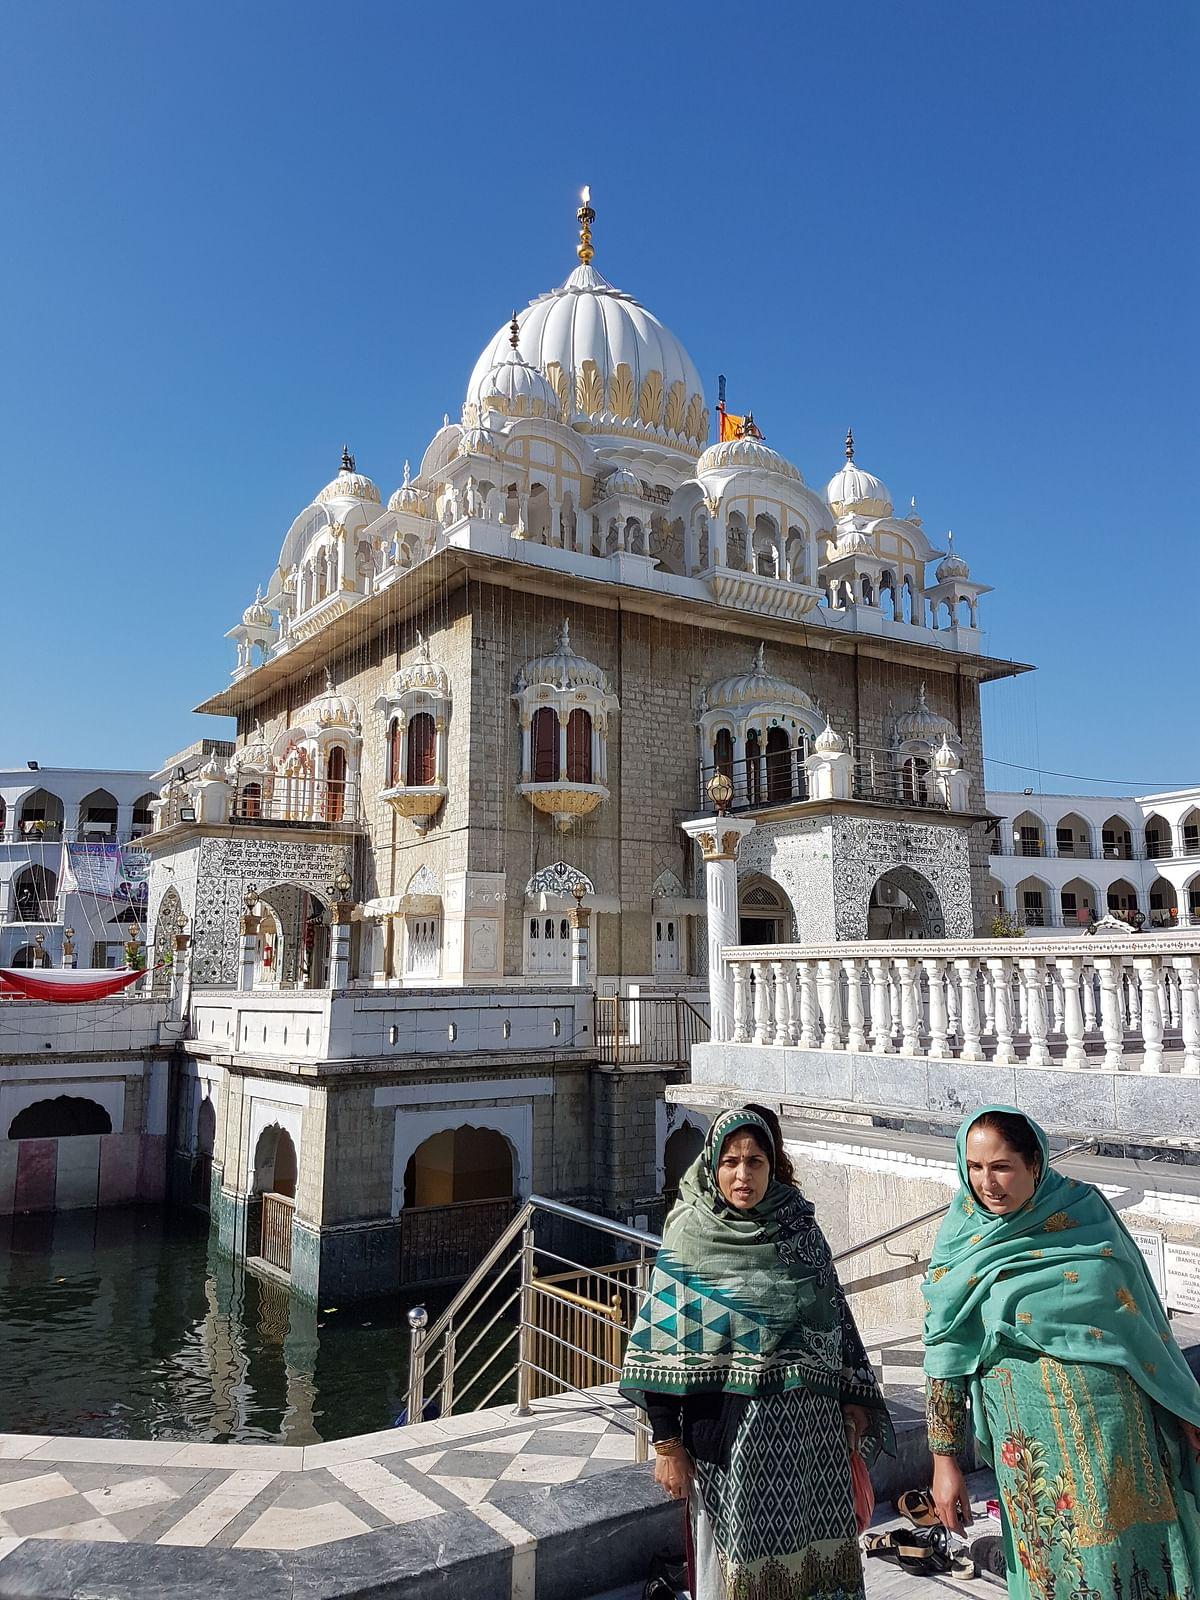 Gurdwara Panja Sahib.